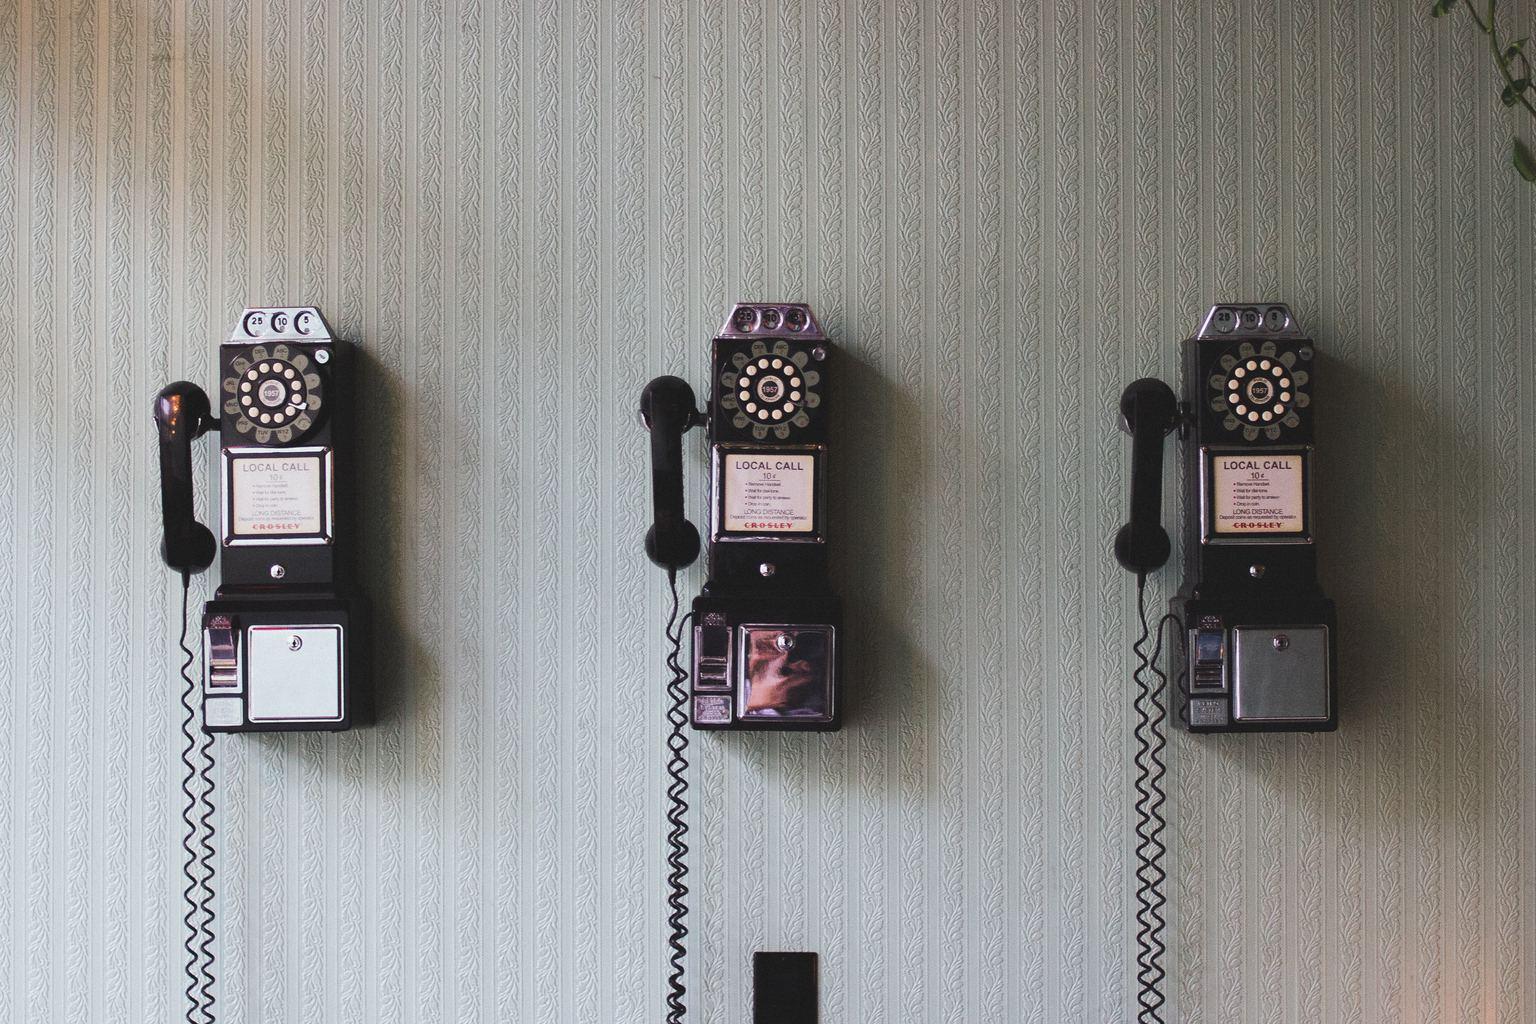 fotografía de tres teléfonos